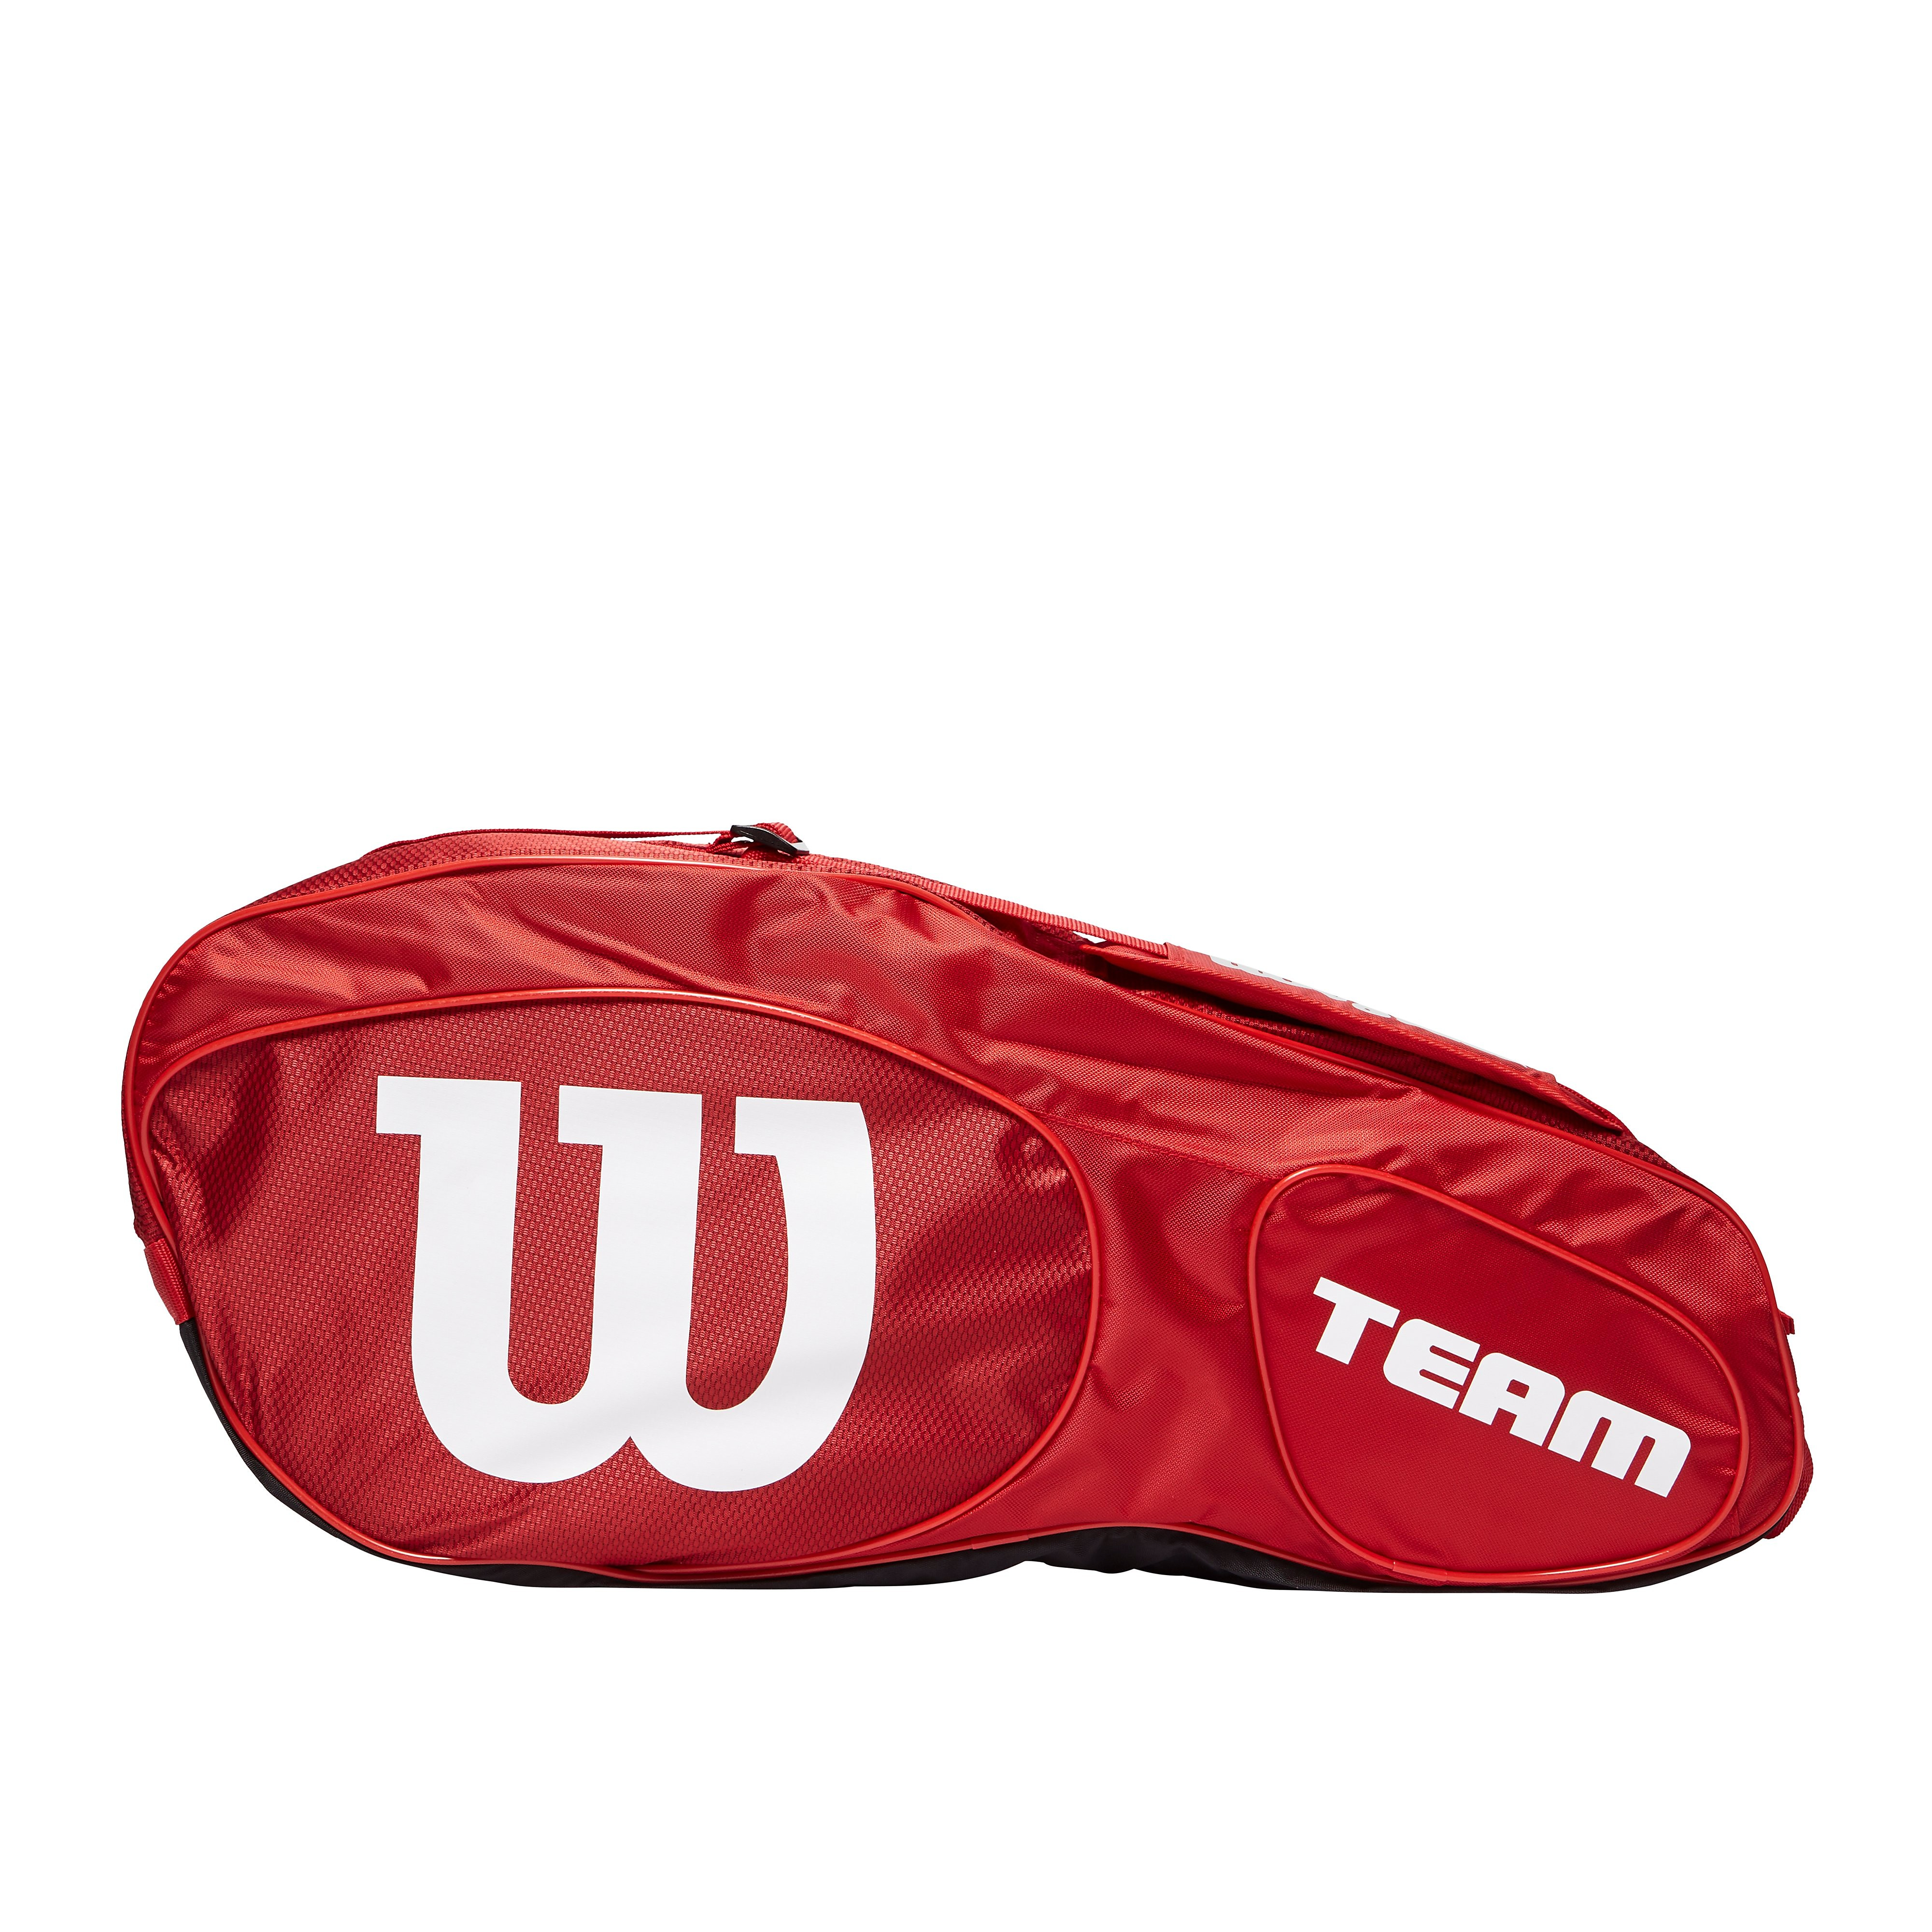 Wilson Team III 3 Pack Racket Bag